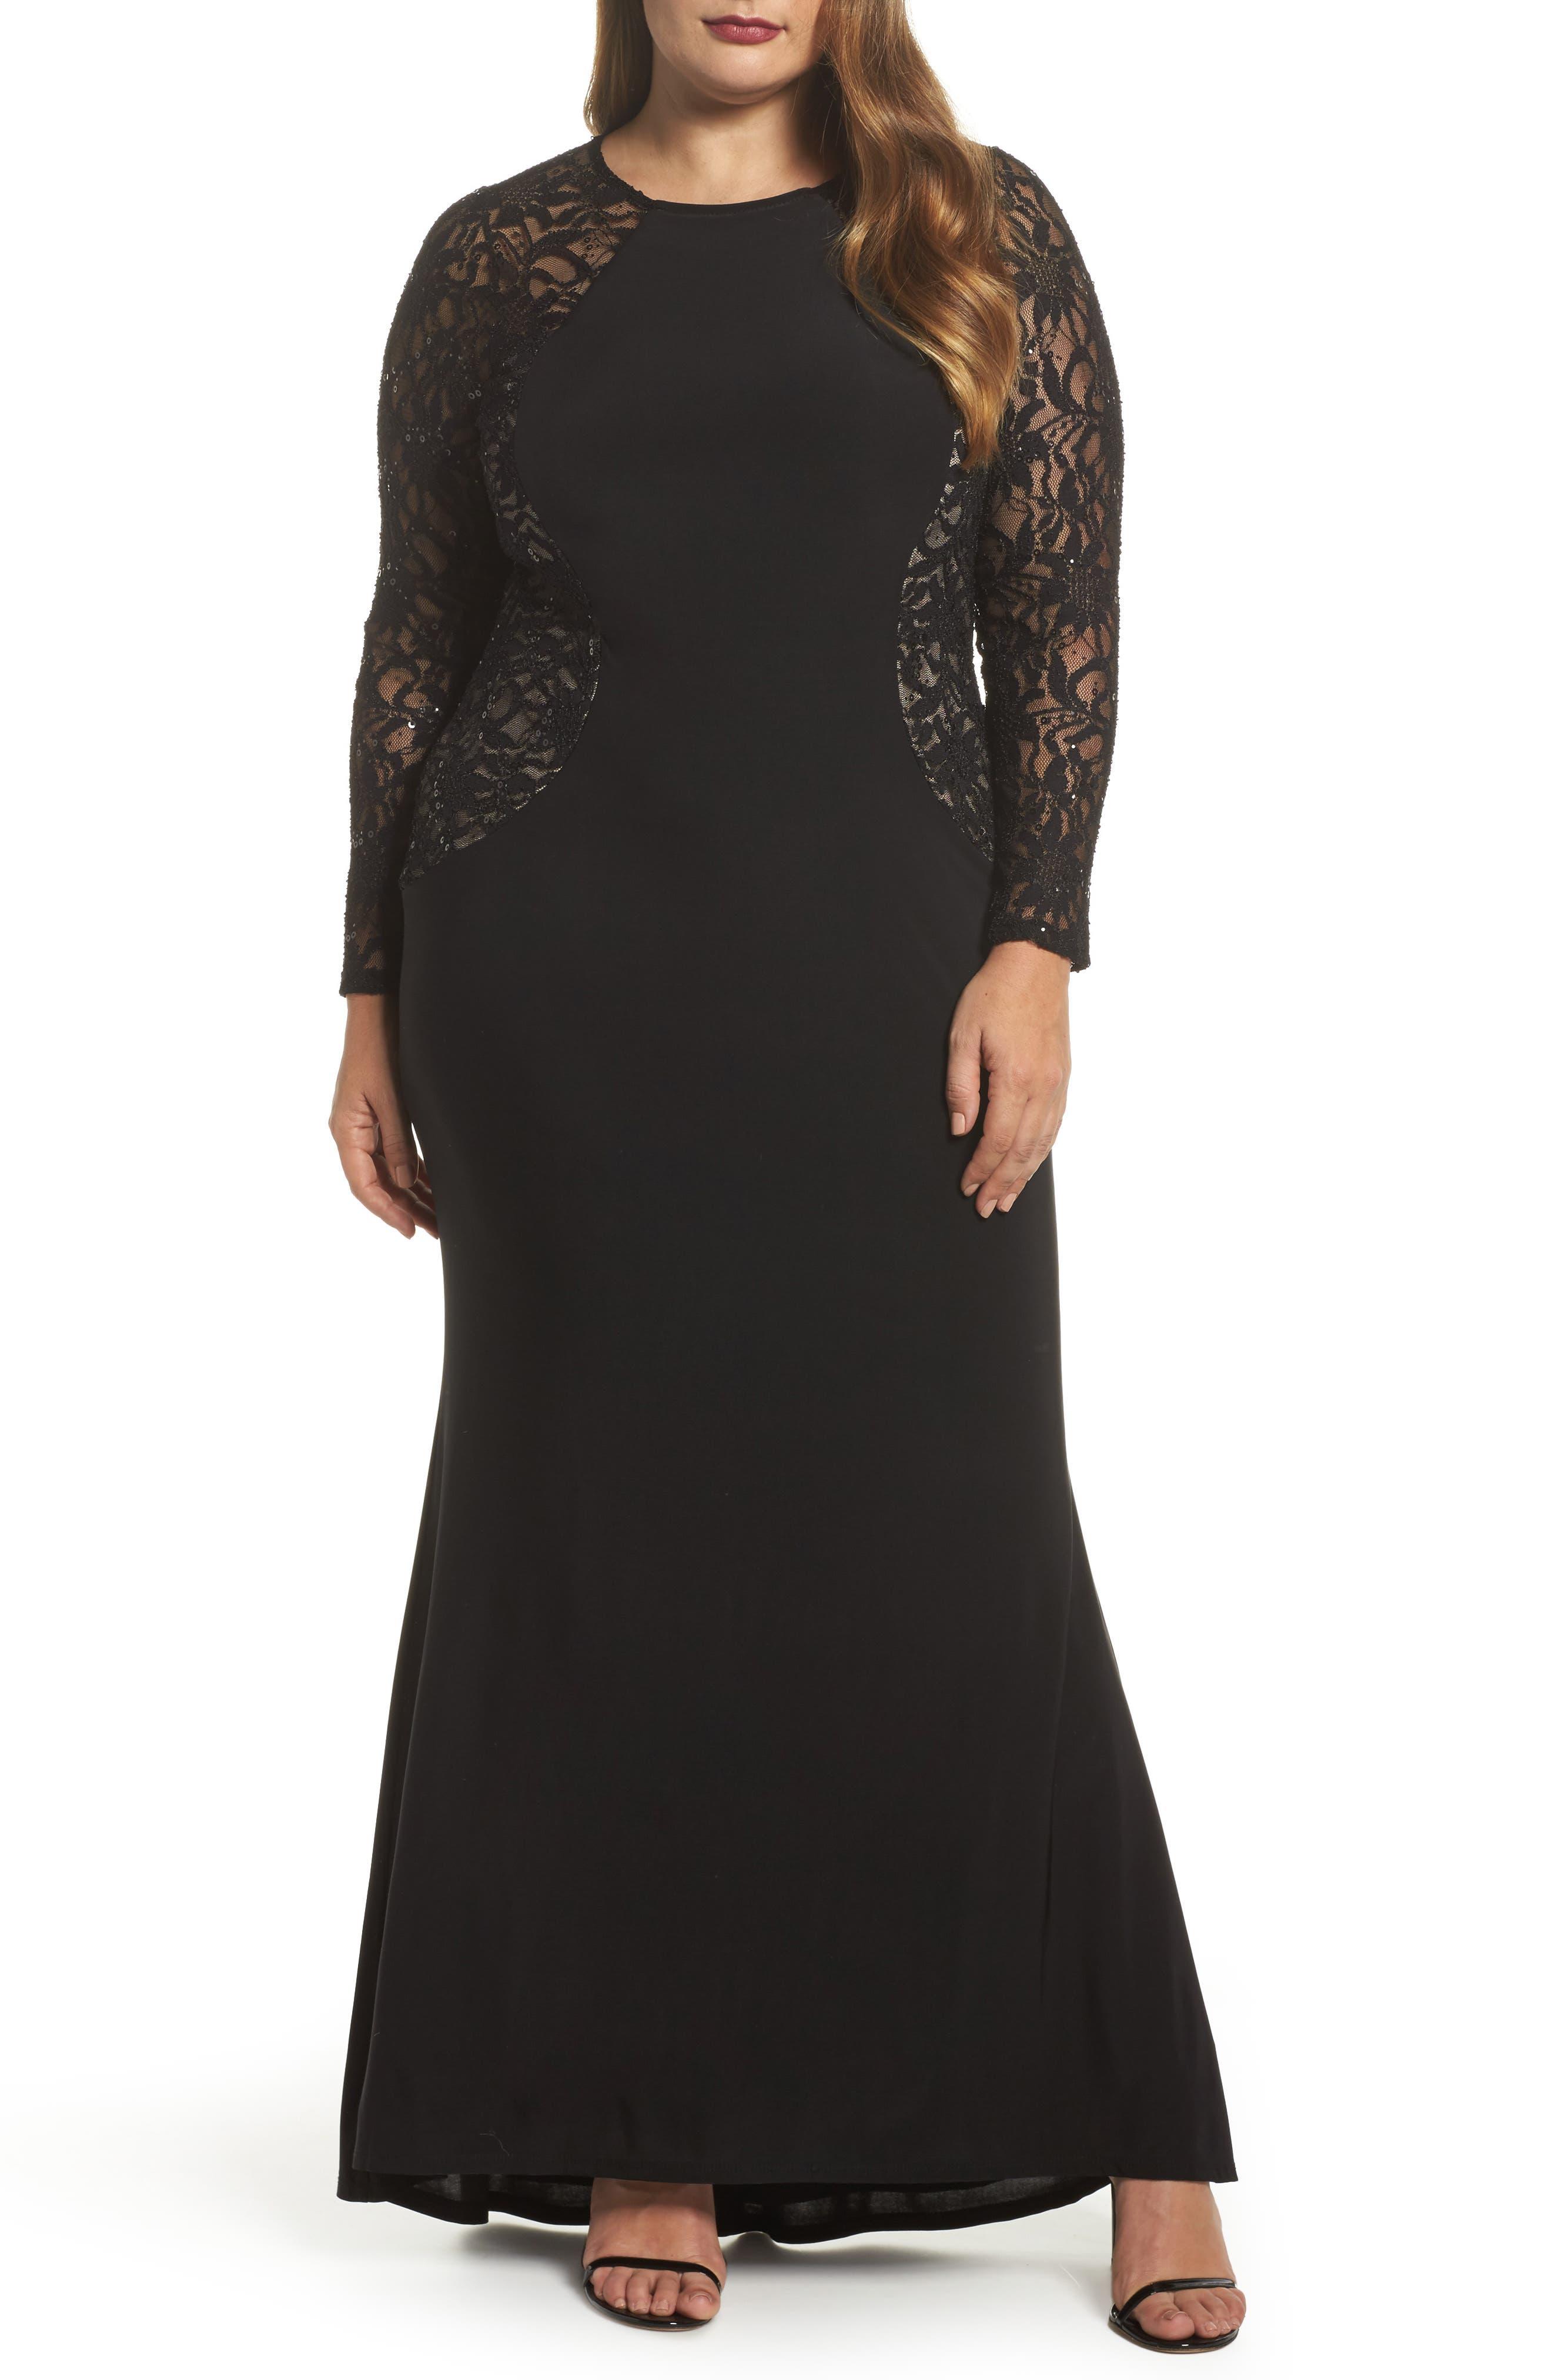 Elegant Black Plus Size Dresses